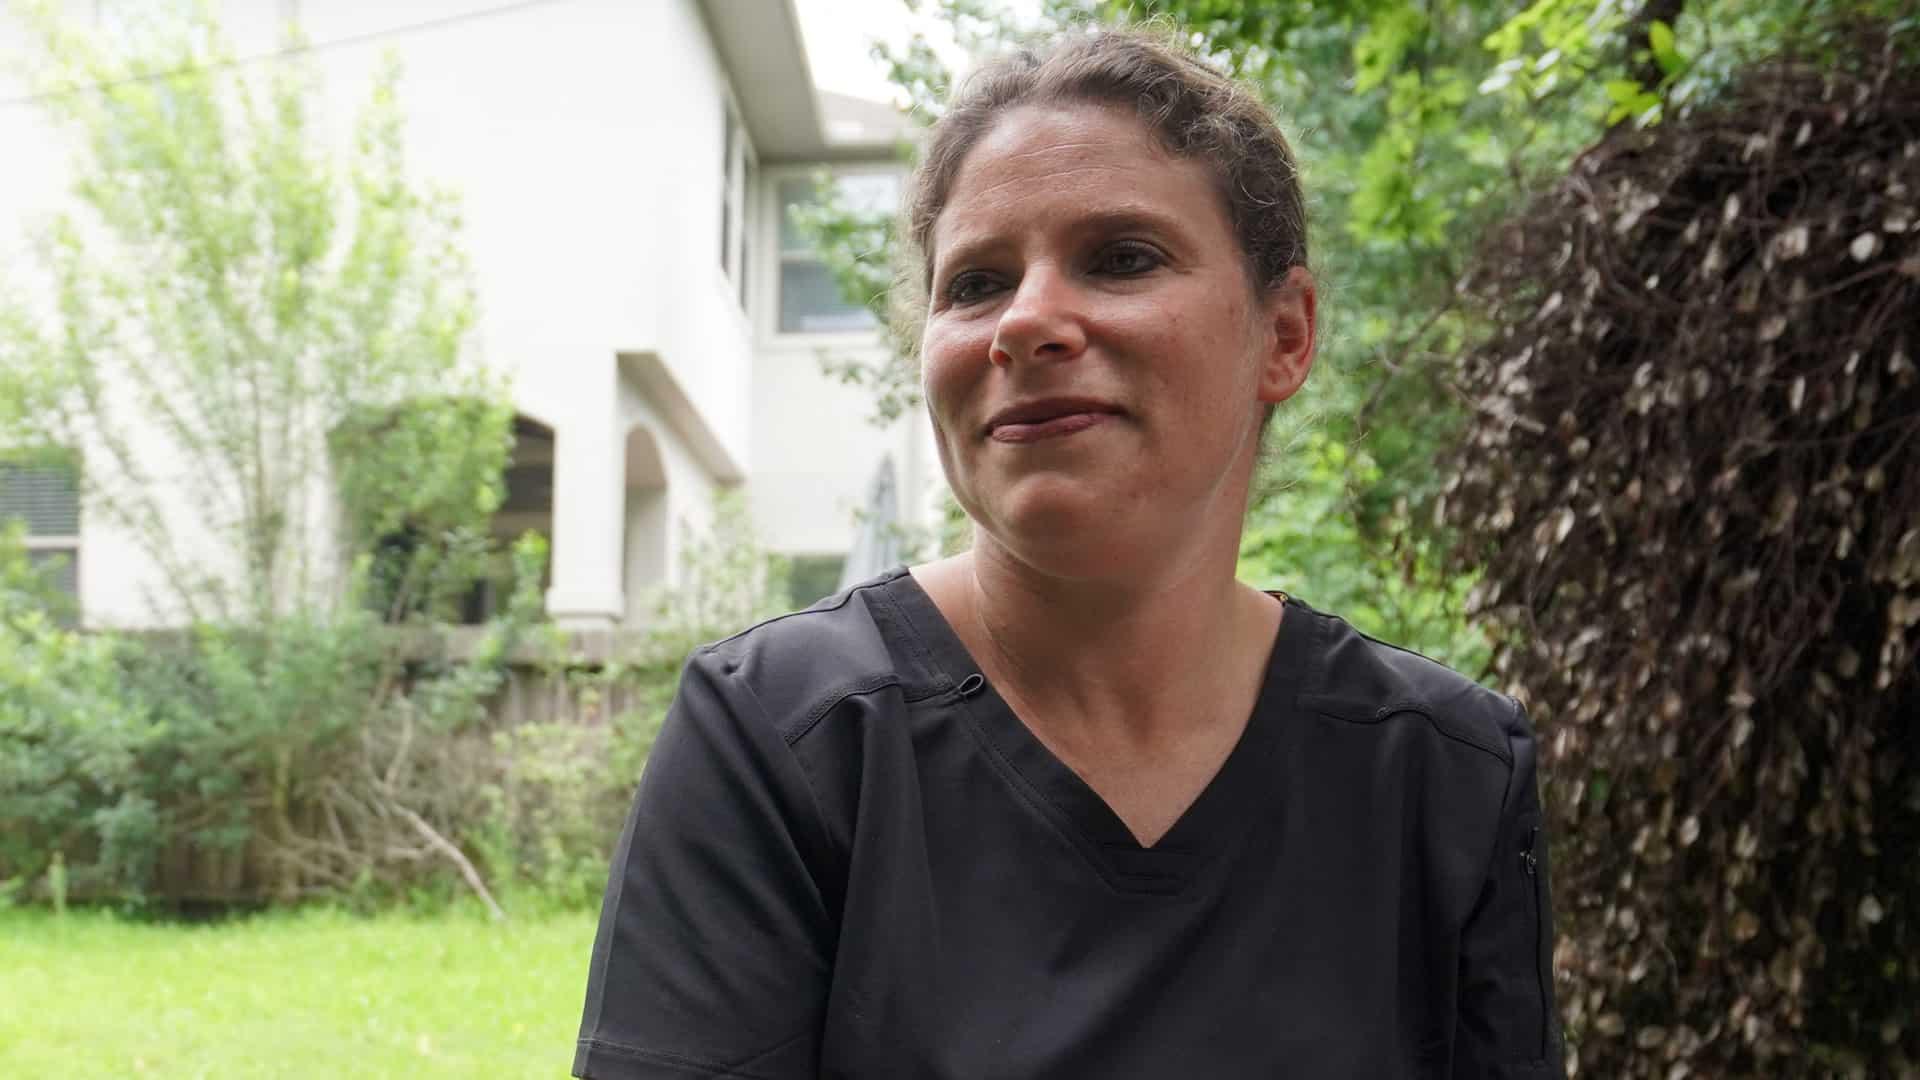 Jennifer Bridges